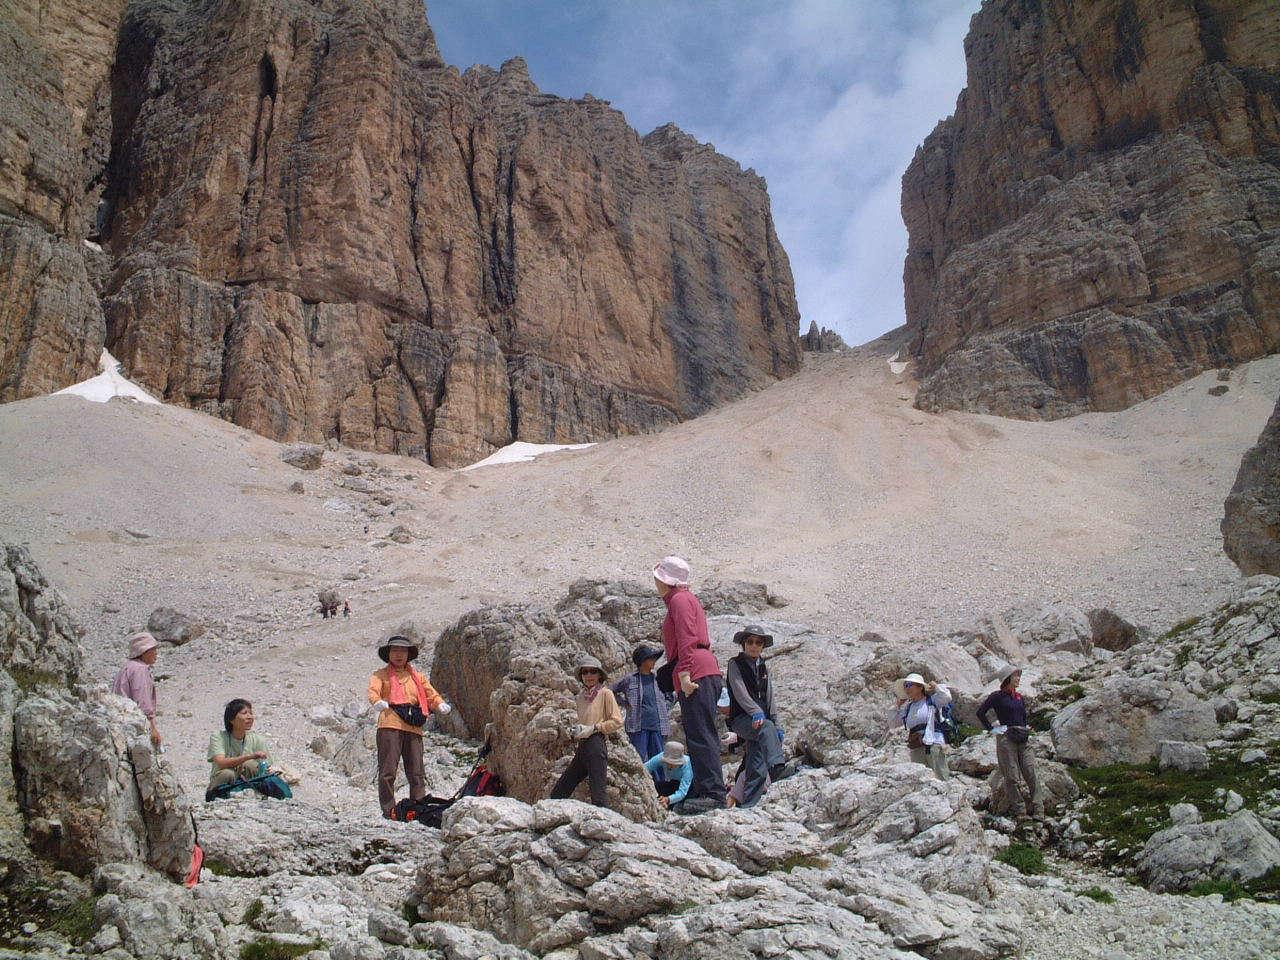 ドロミテ・南チロル山小屋ハイキング9日間